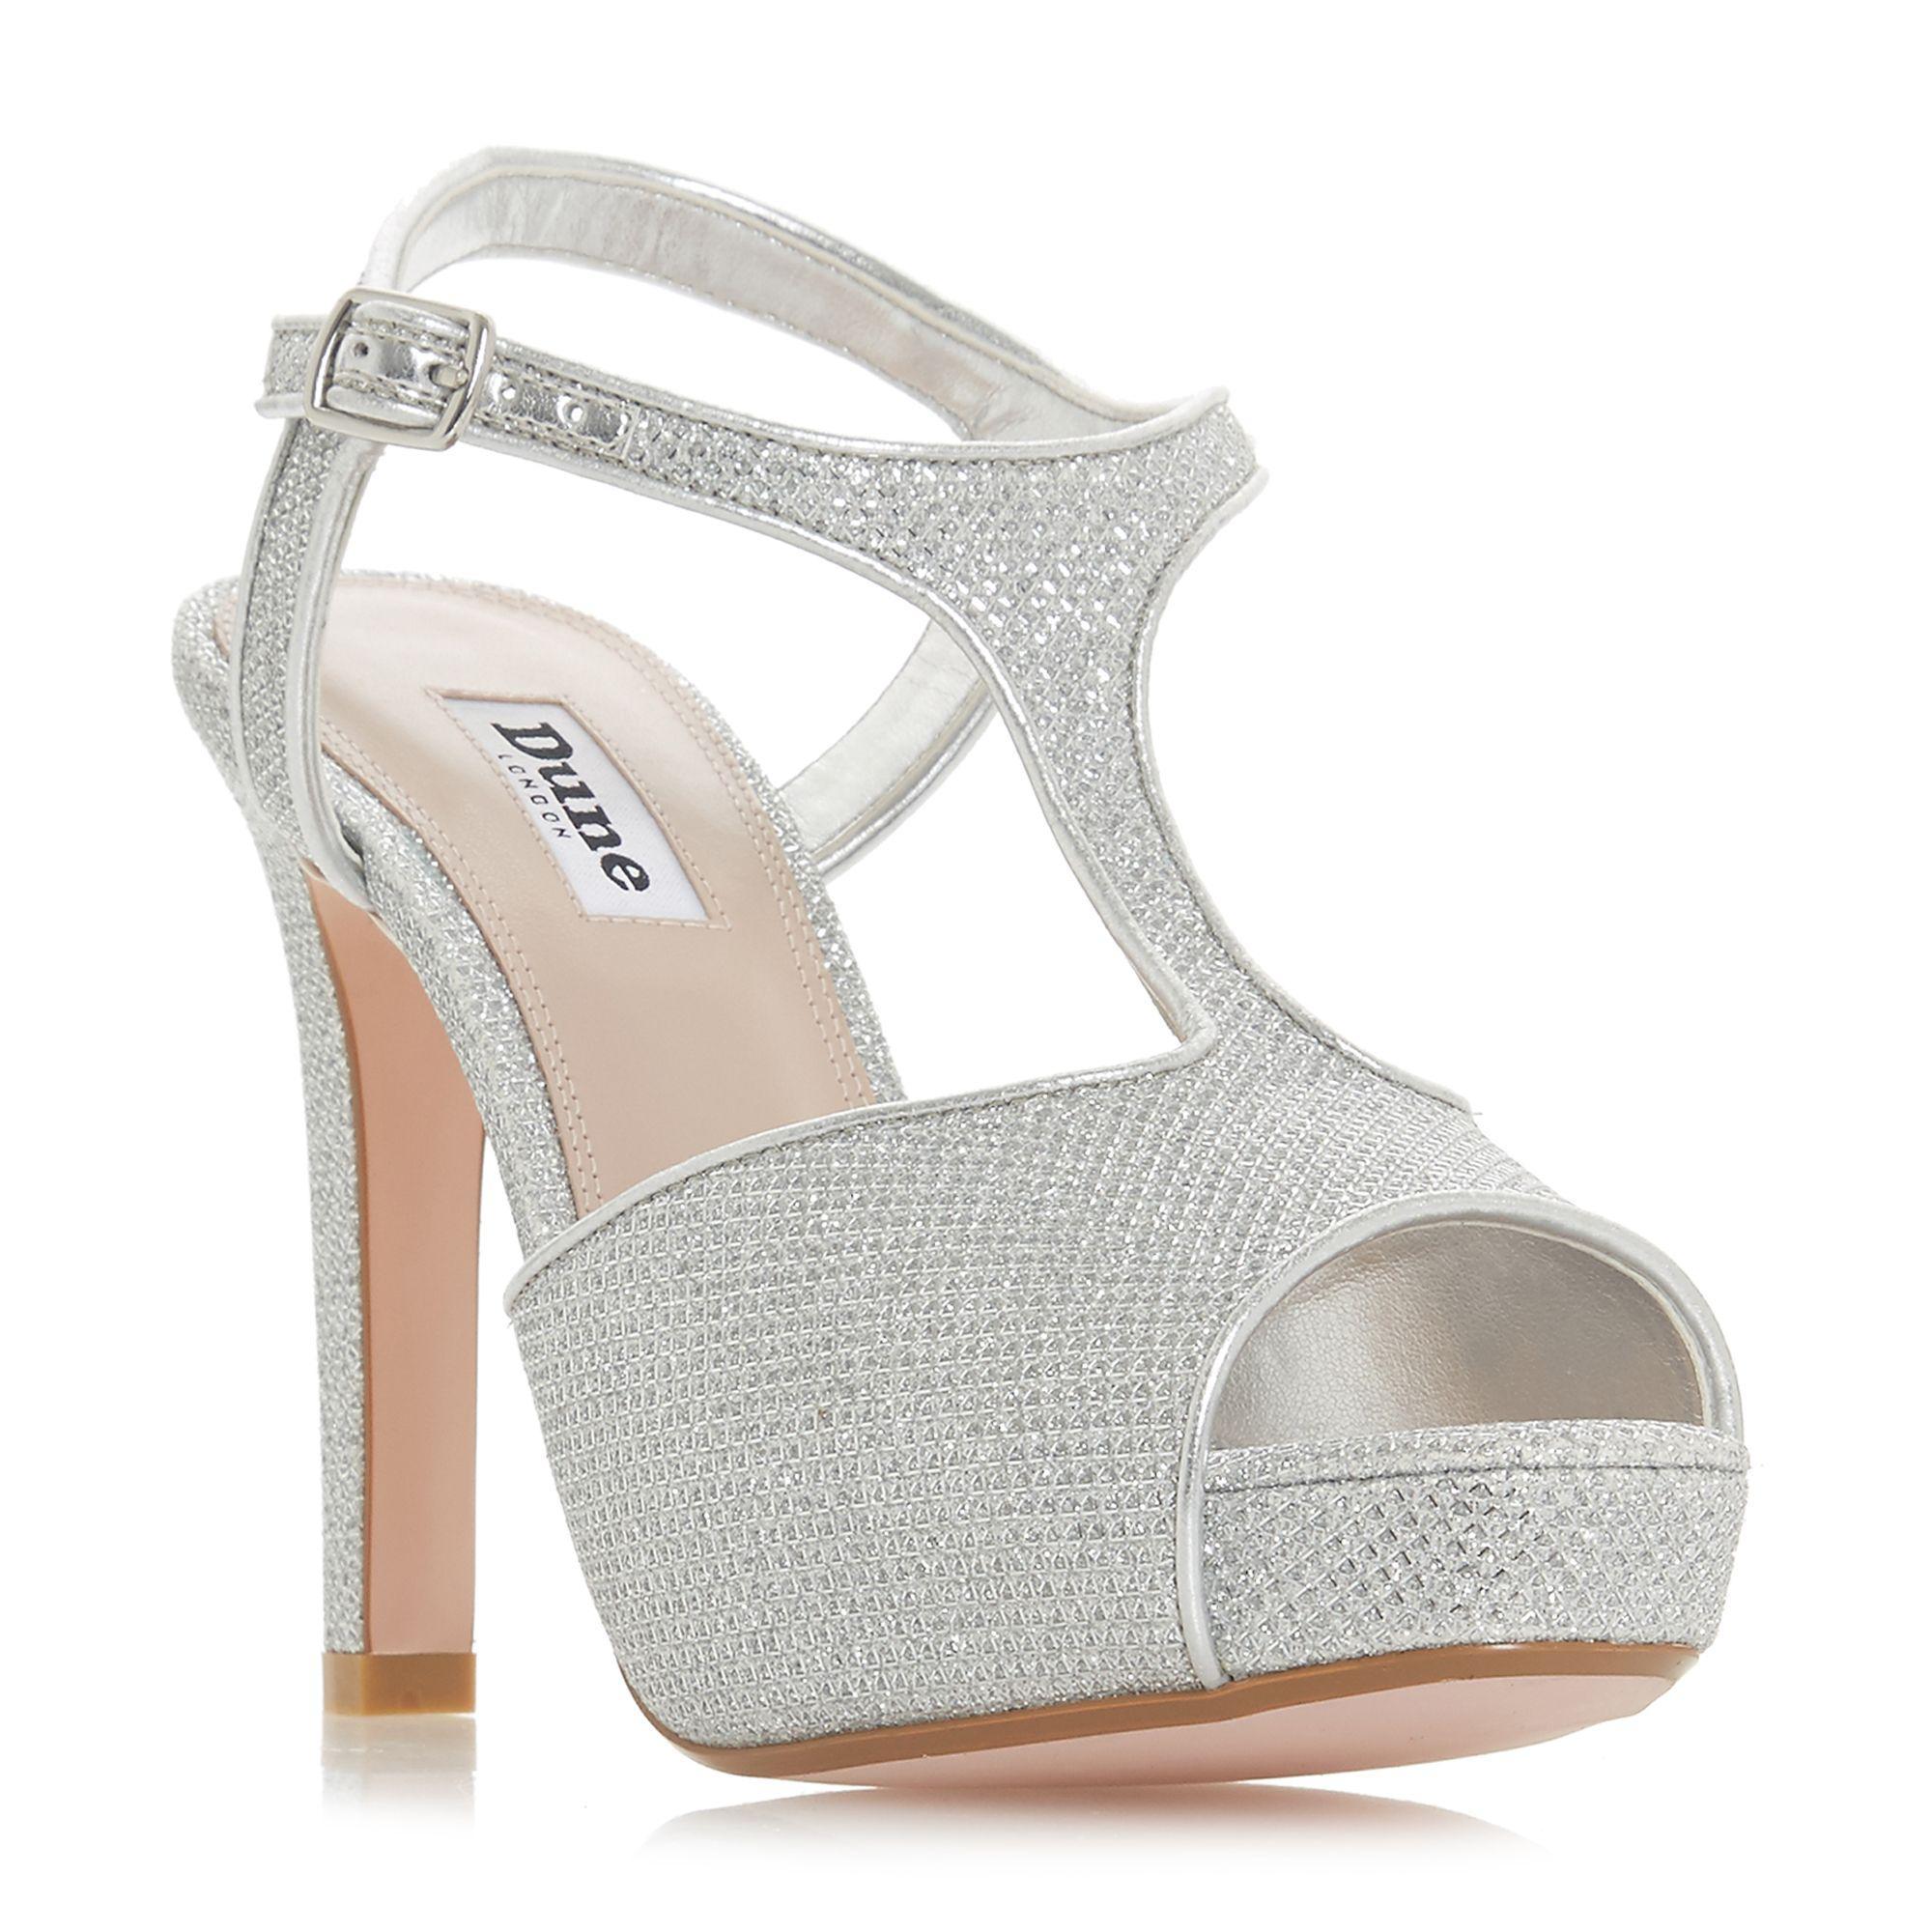 ddceeb25eabb7 Dune - Metallic Marleigh T Bar High Heel Sandals - Lyst. View fullscreen